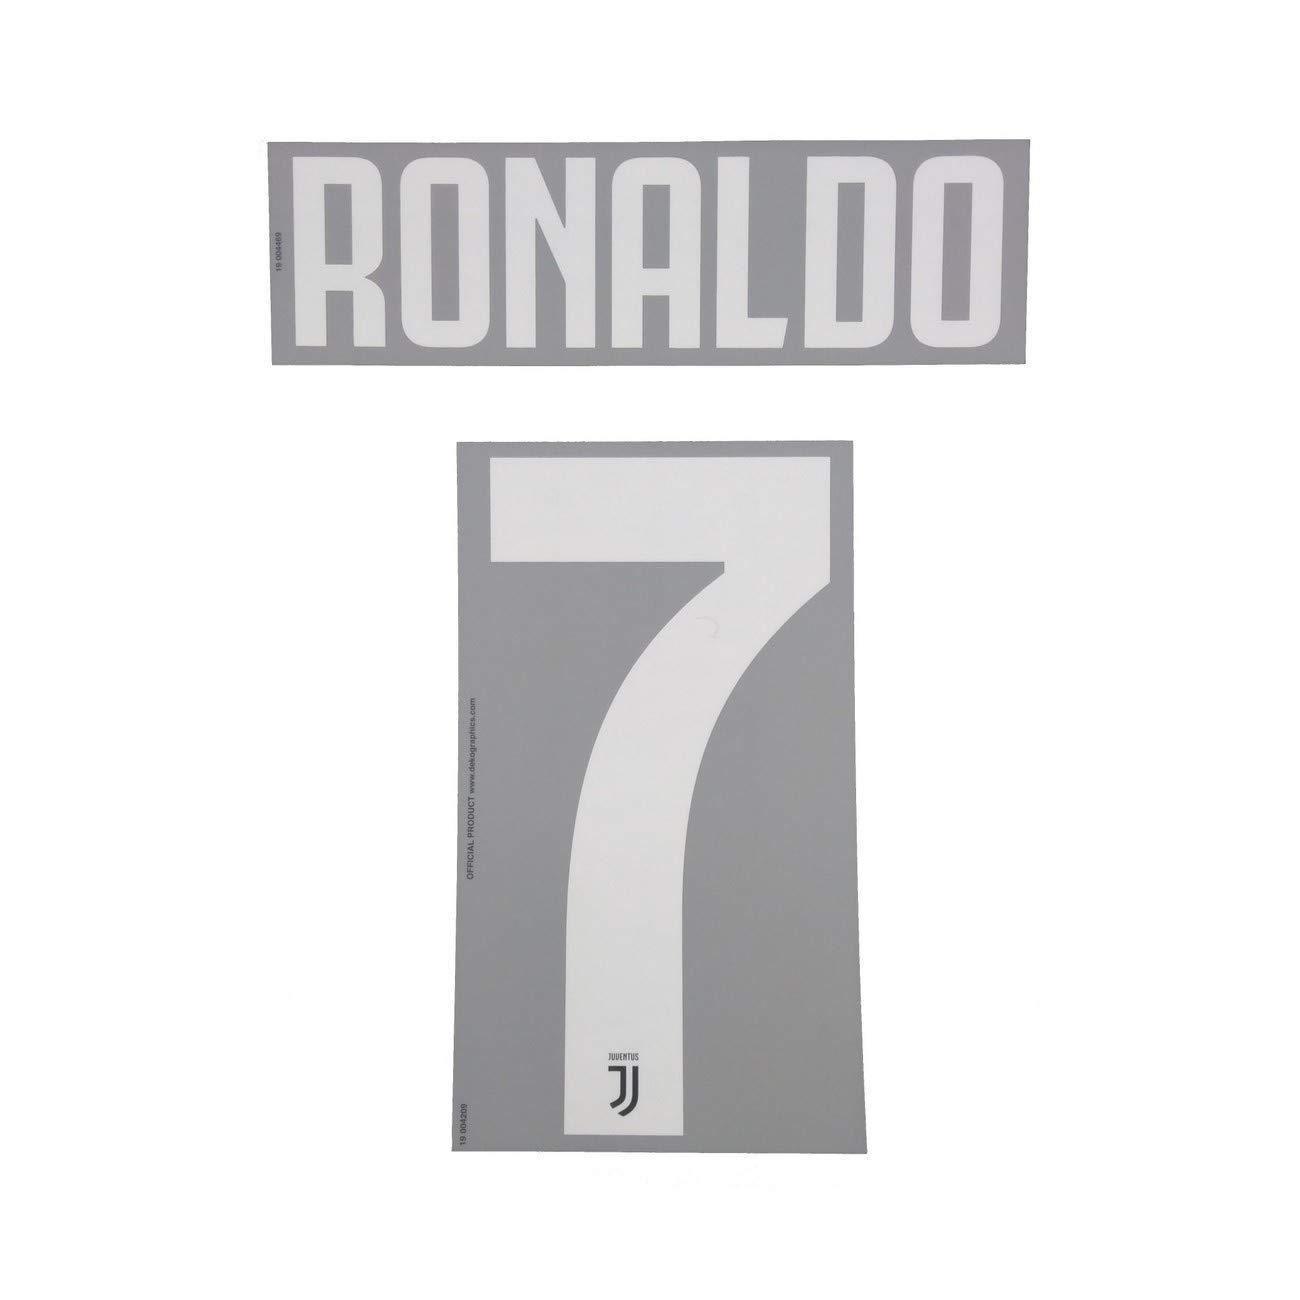 DEKOGRAPHICS Juventus 7 Ronaldo Nome e Numero Maglia Bambino Home 2019//20